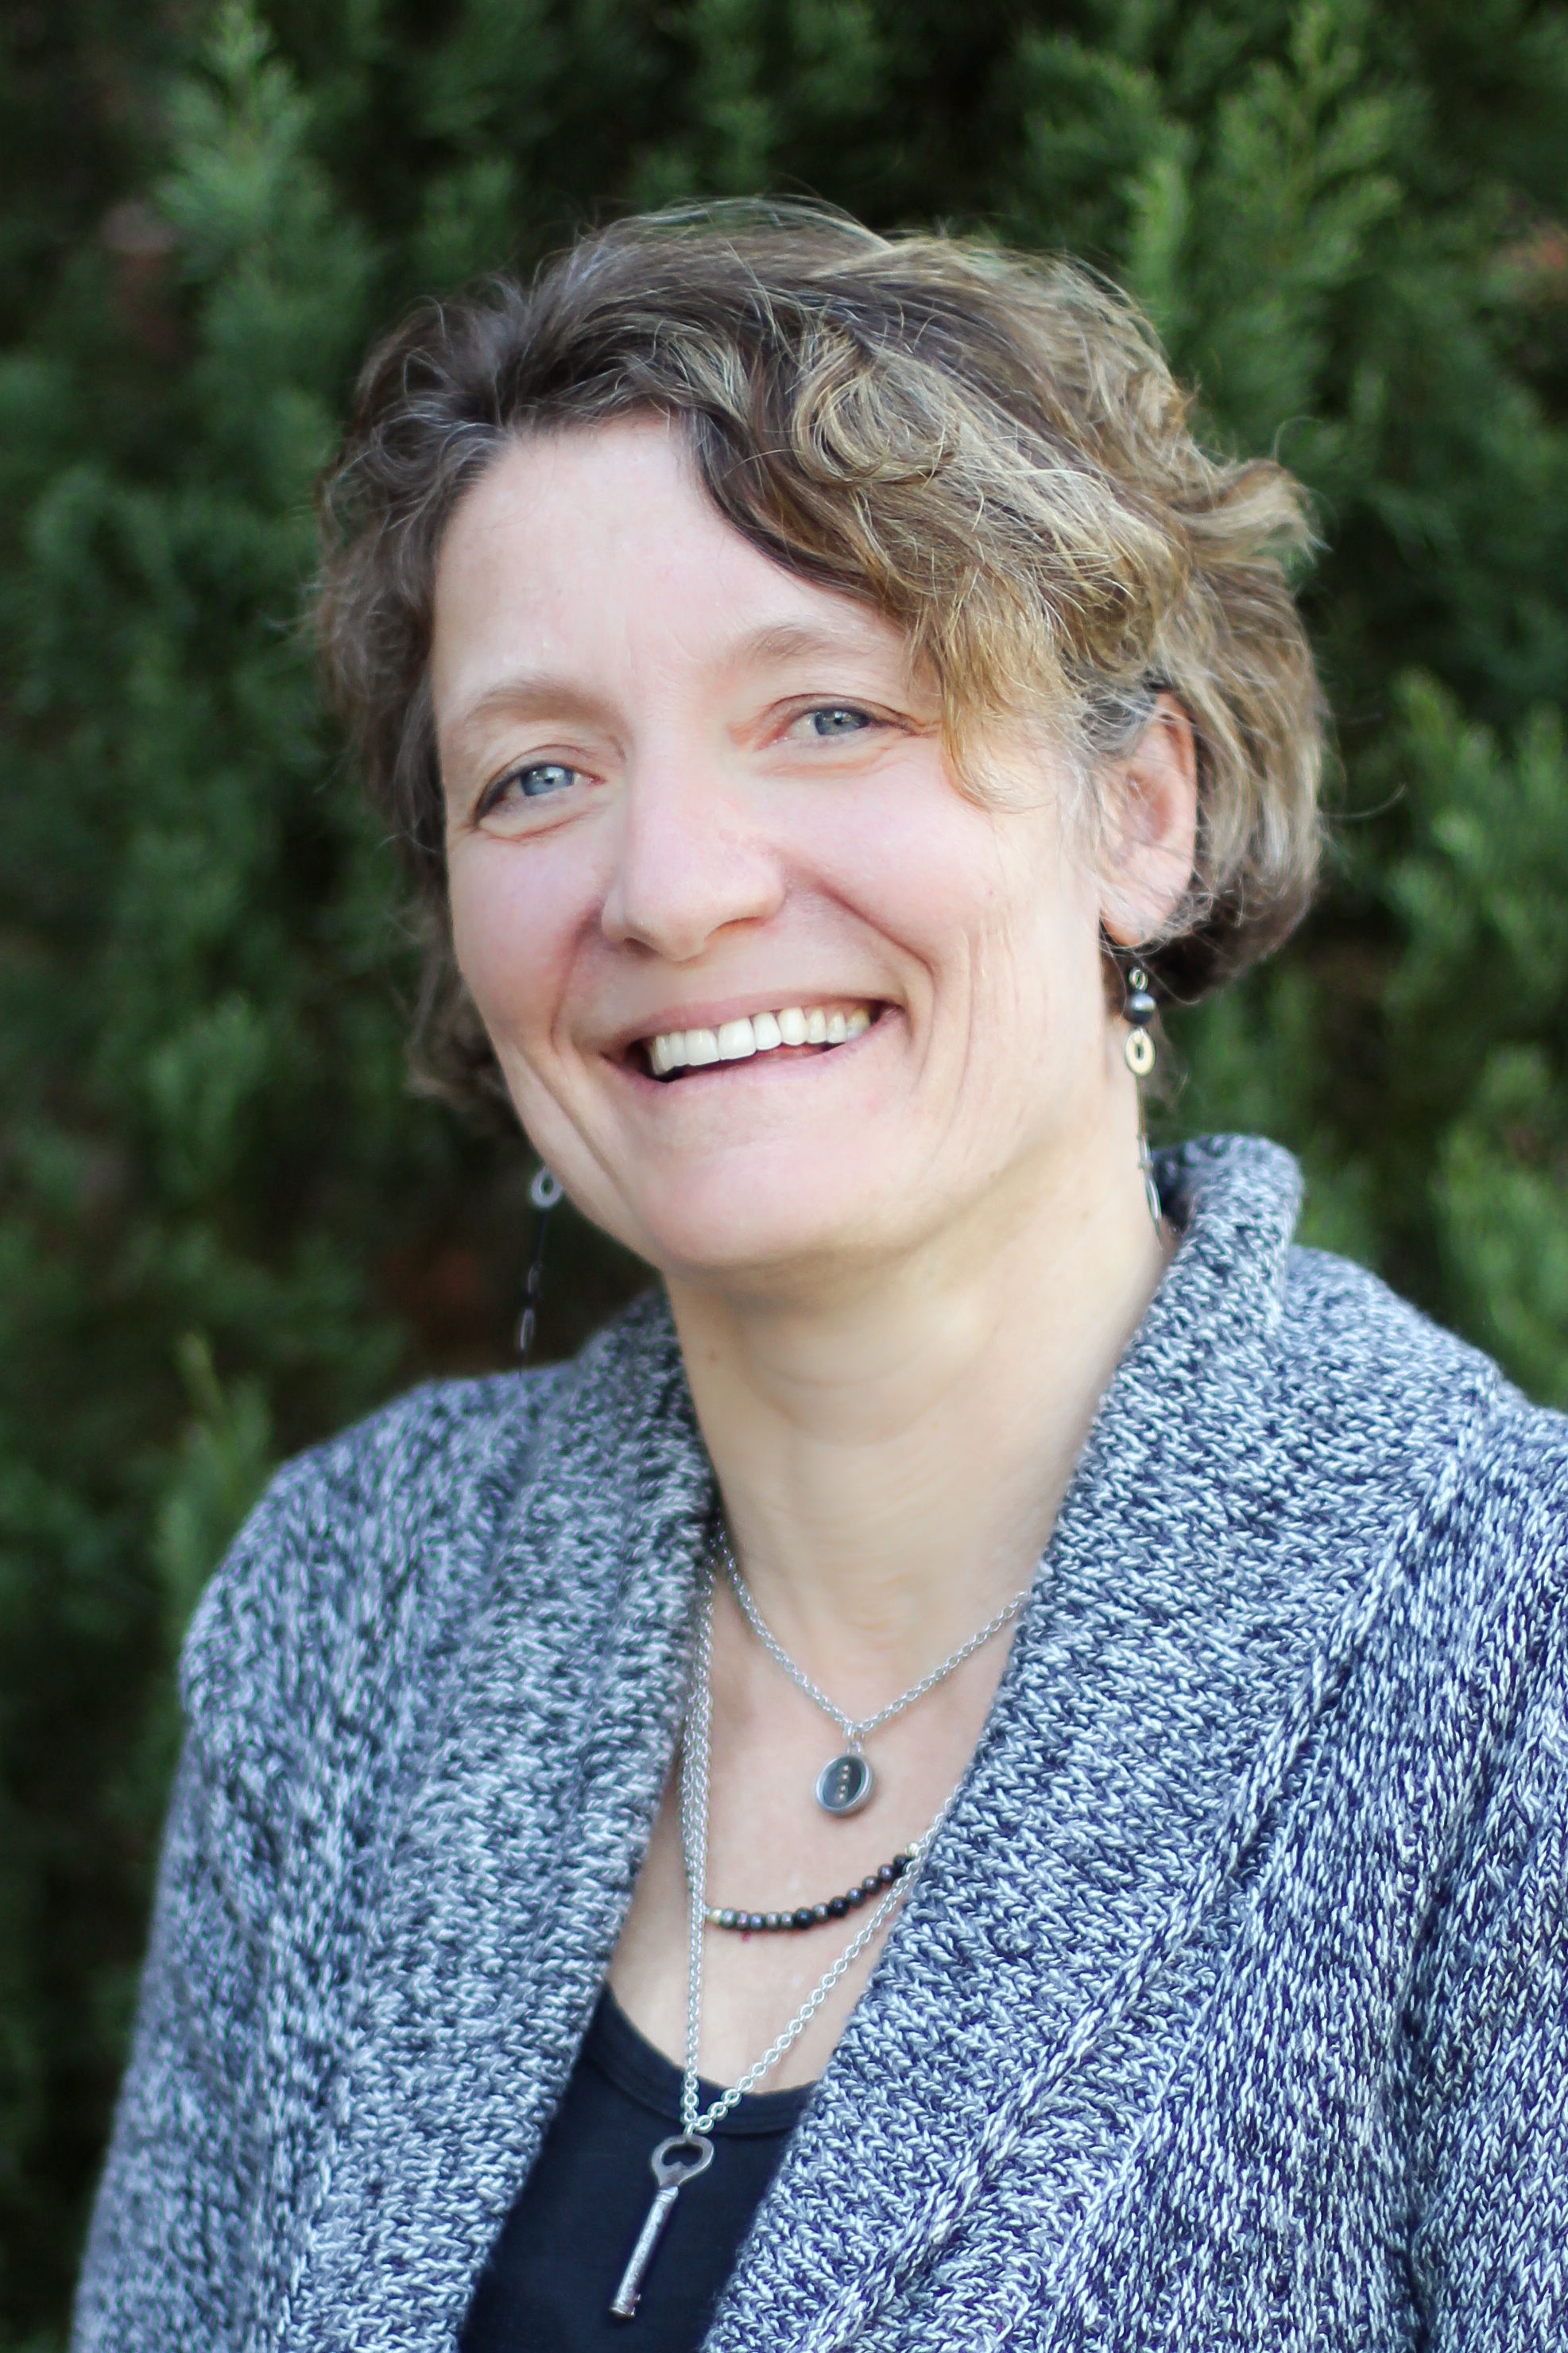 Julie Edmunds